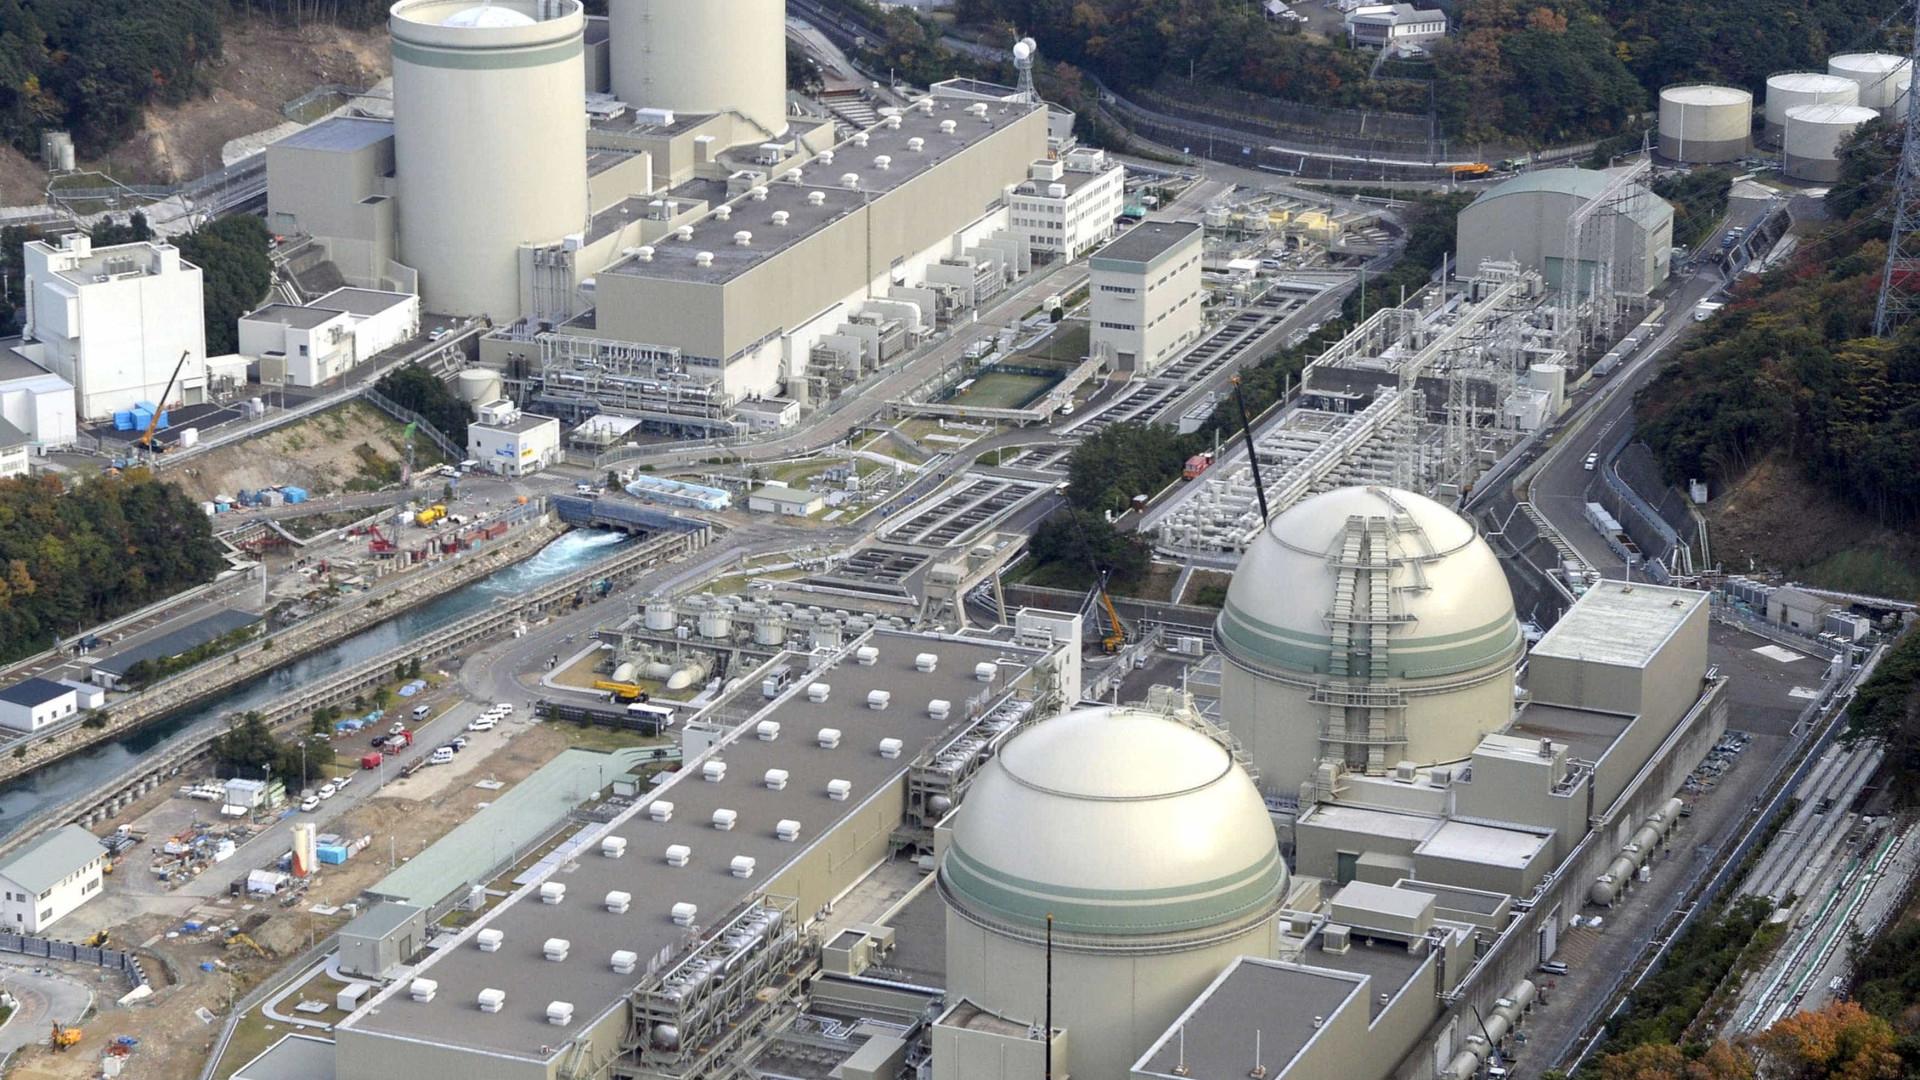 Nova estimativa sobe para 170 mil milhões custo de desmantelar Fukushima